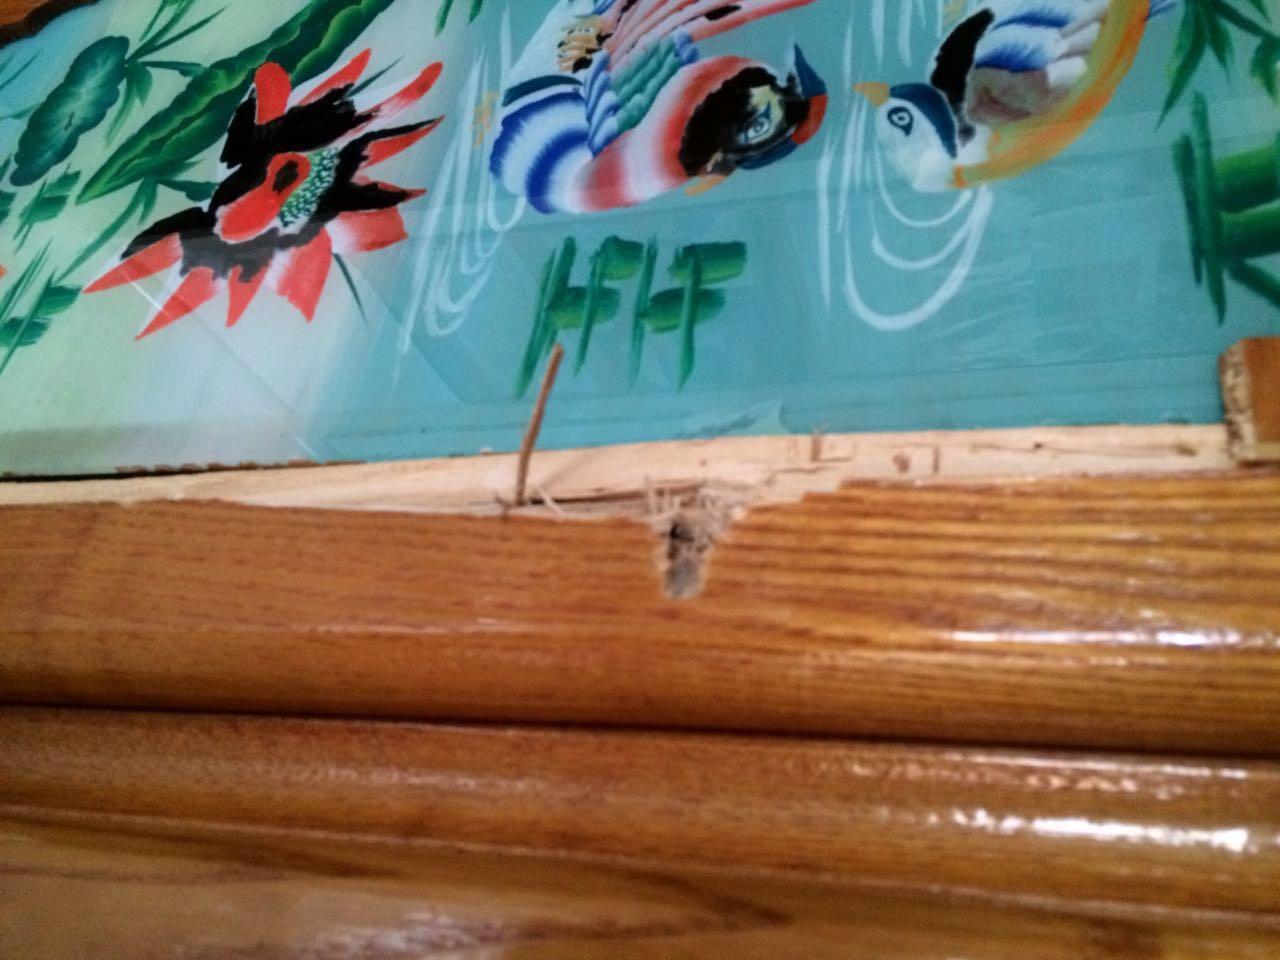 老屋里的家具上,凶手开枪留下的弹孔清晰可见。